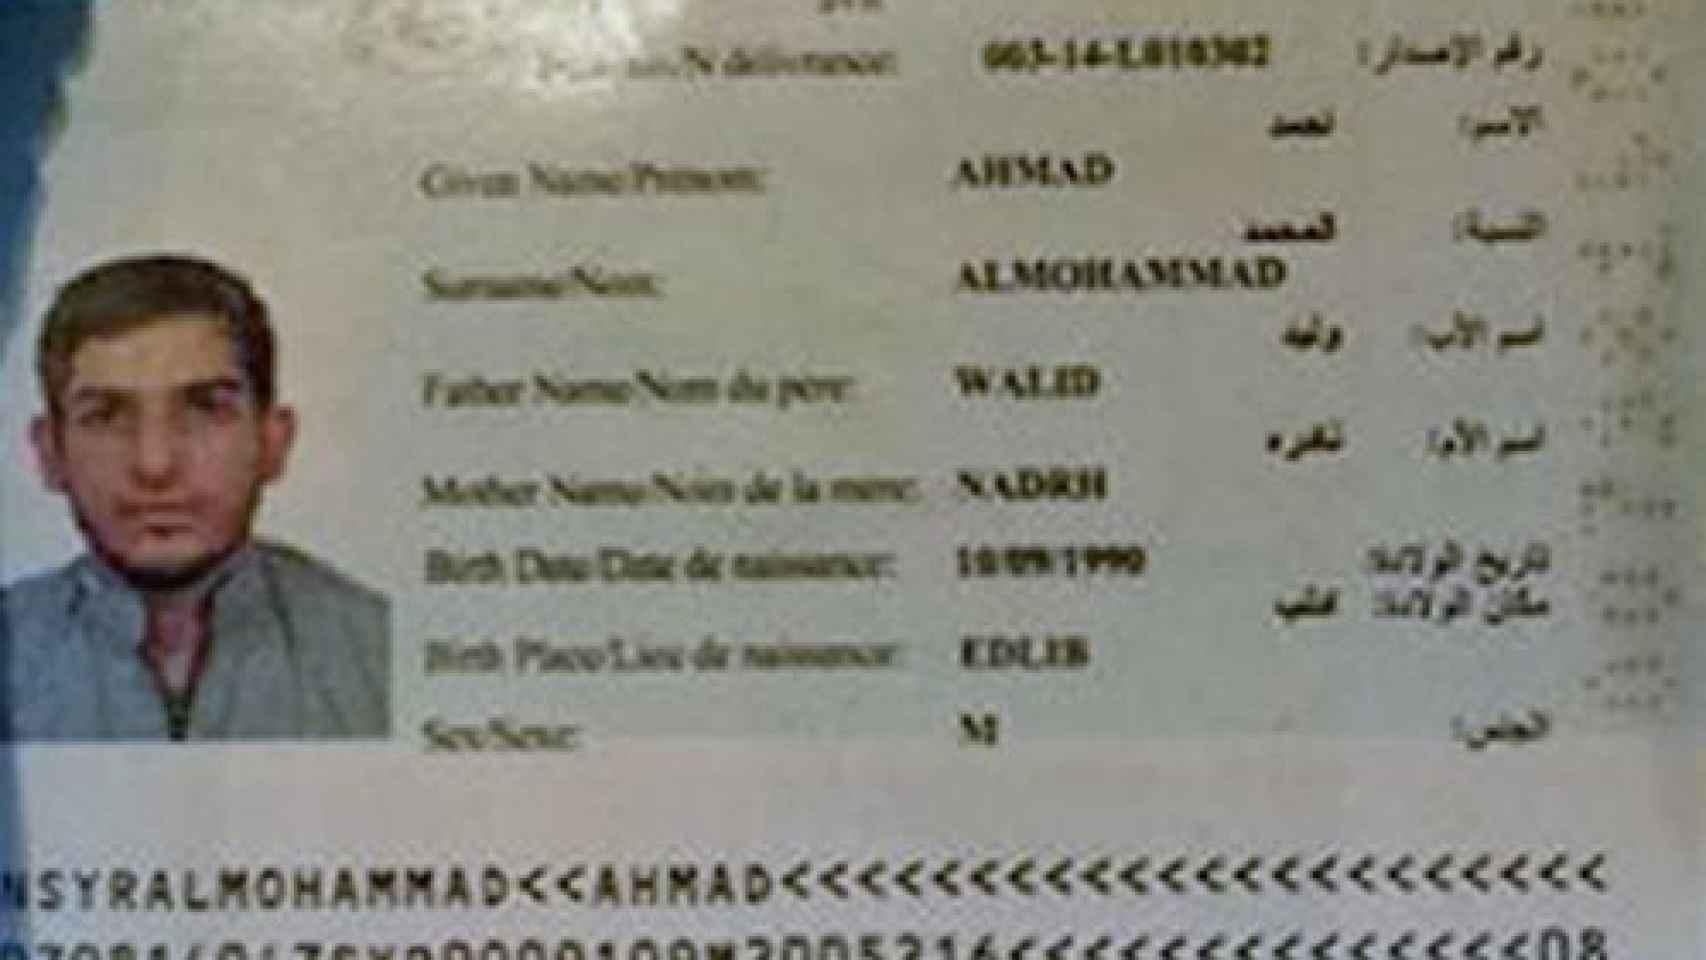 Pasaporte encontrado en una de las explosiones del Stade de France